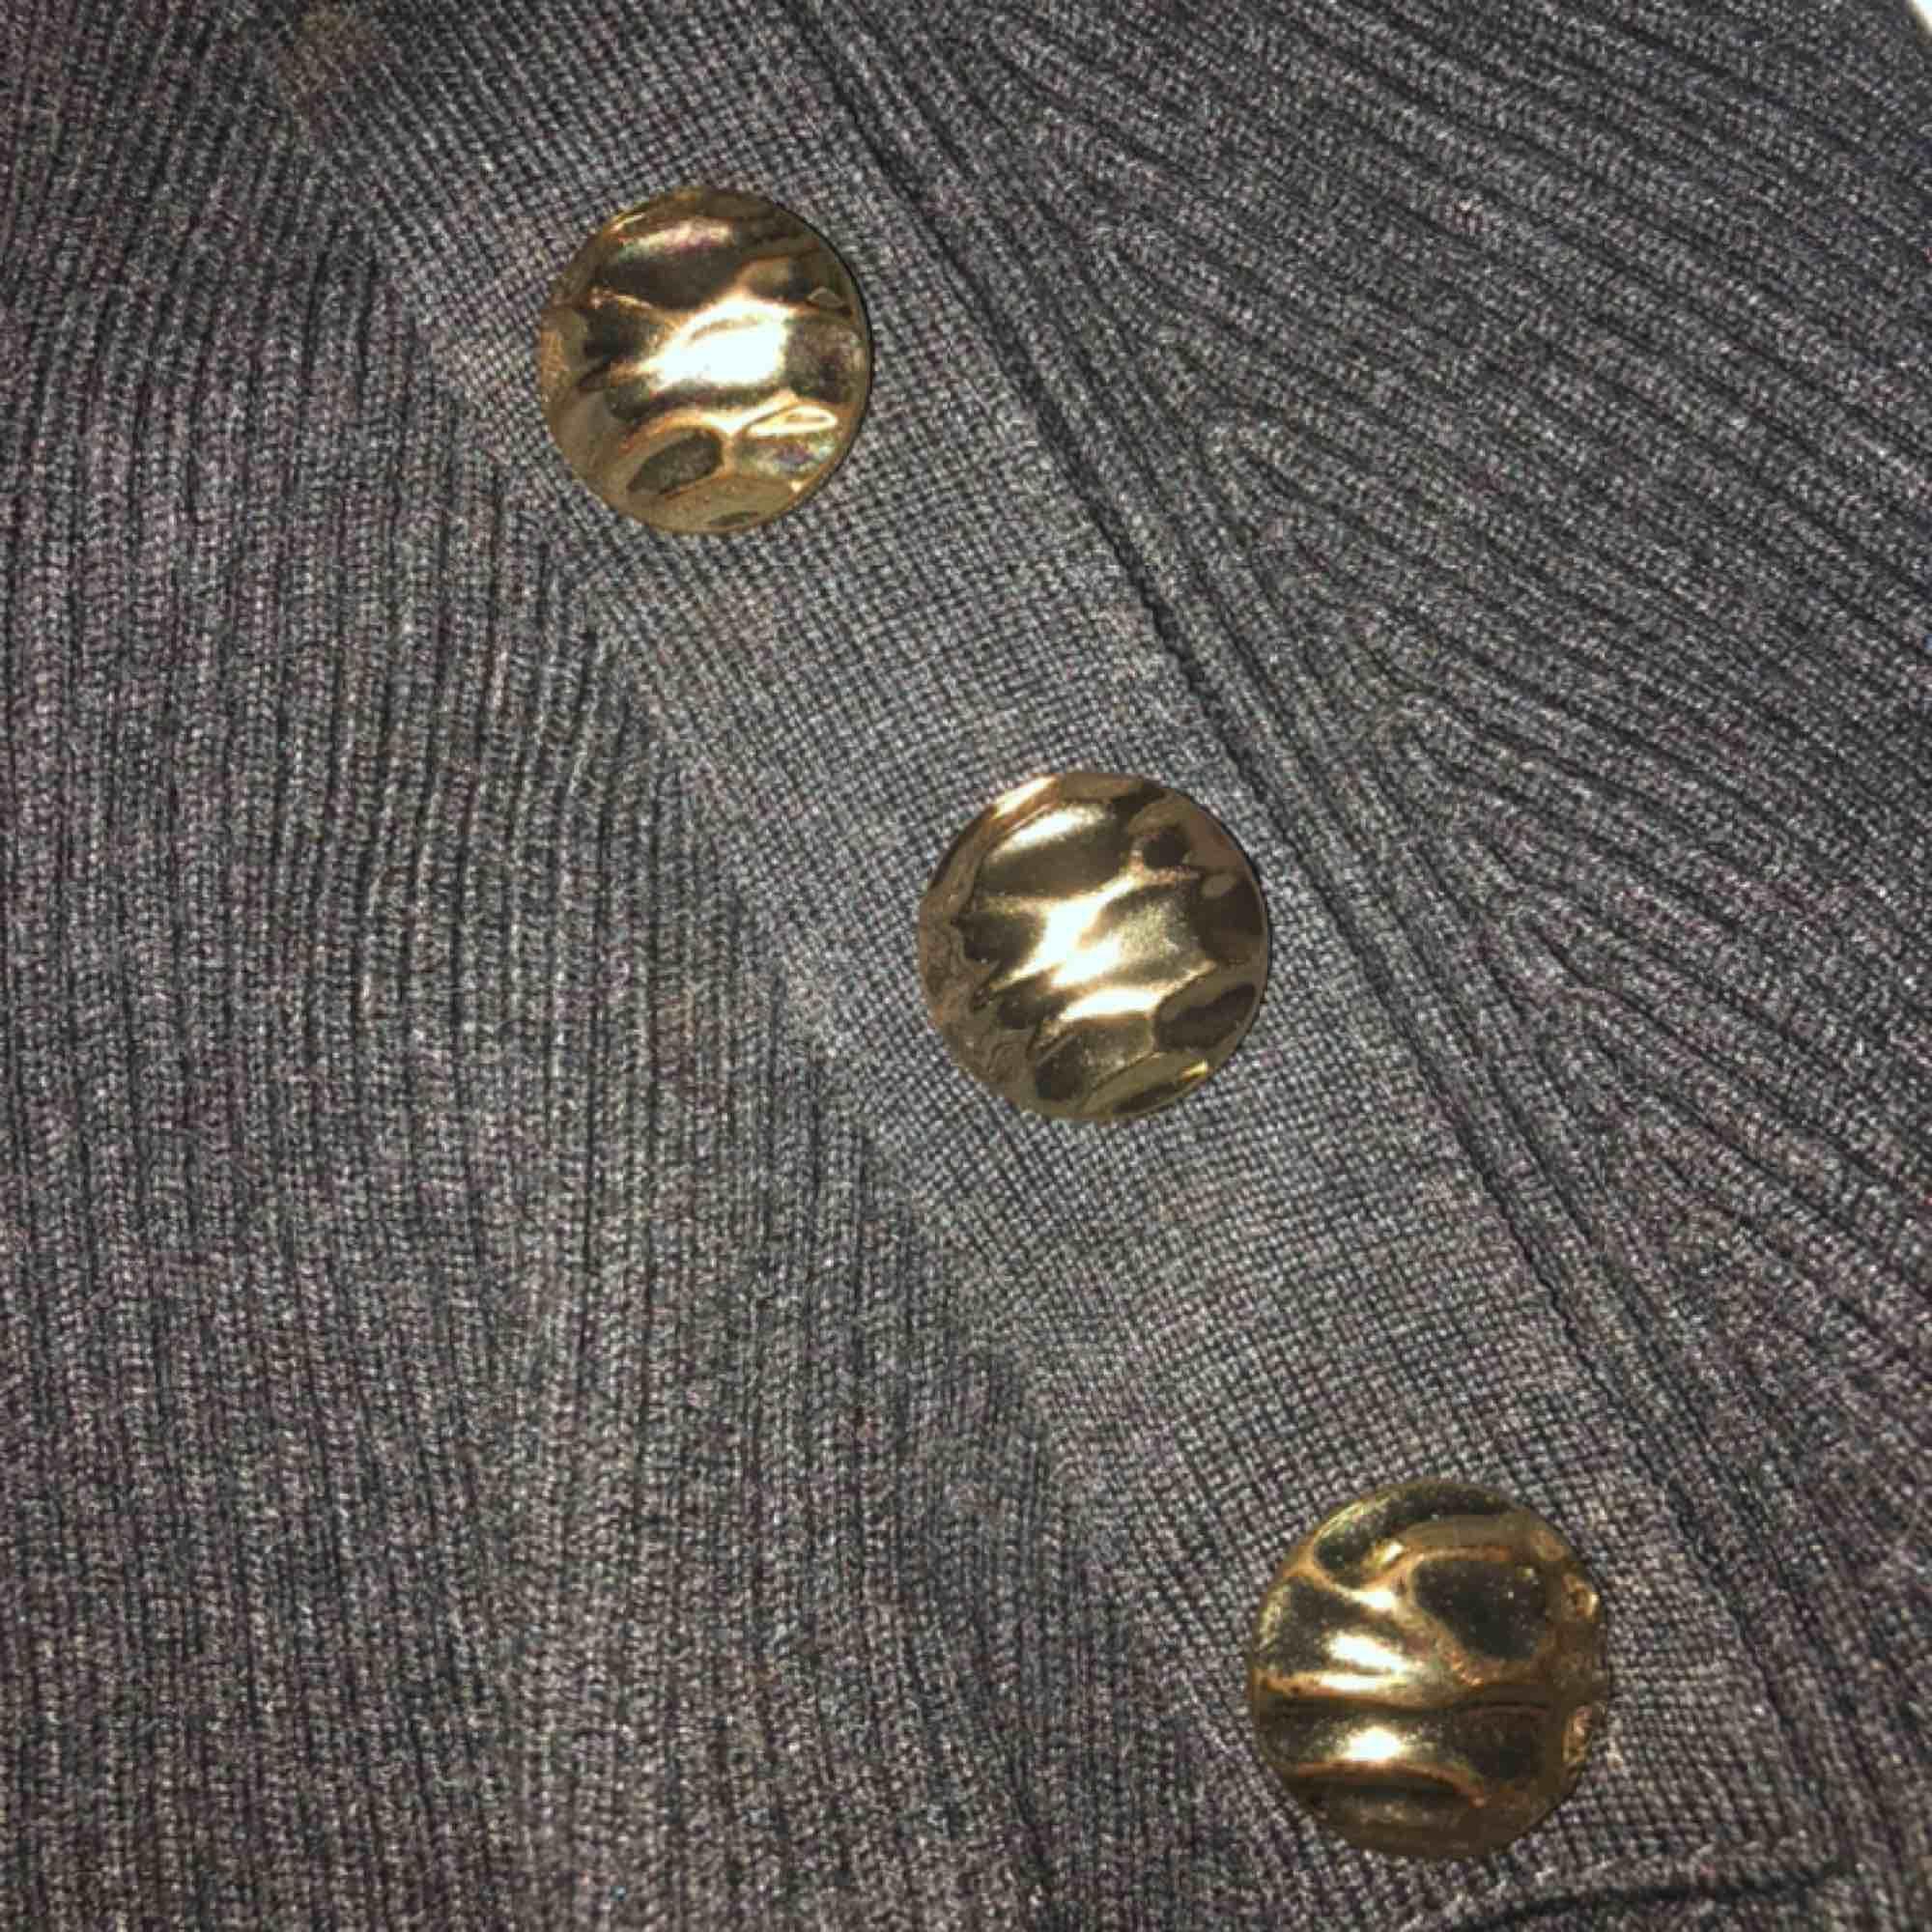 Jättefin tröja från Zara med gulddetaljer, dock lite liten i ärmarna för mig, annars jättebra passform. Kan mötas upp i Uppsala annars står köparen för frakt❤️. Tröjor & Koftor.